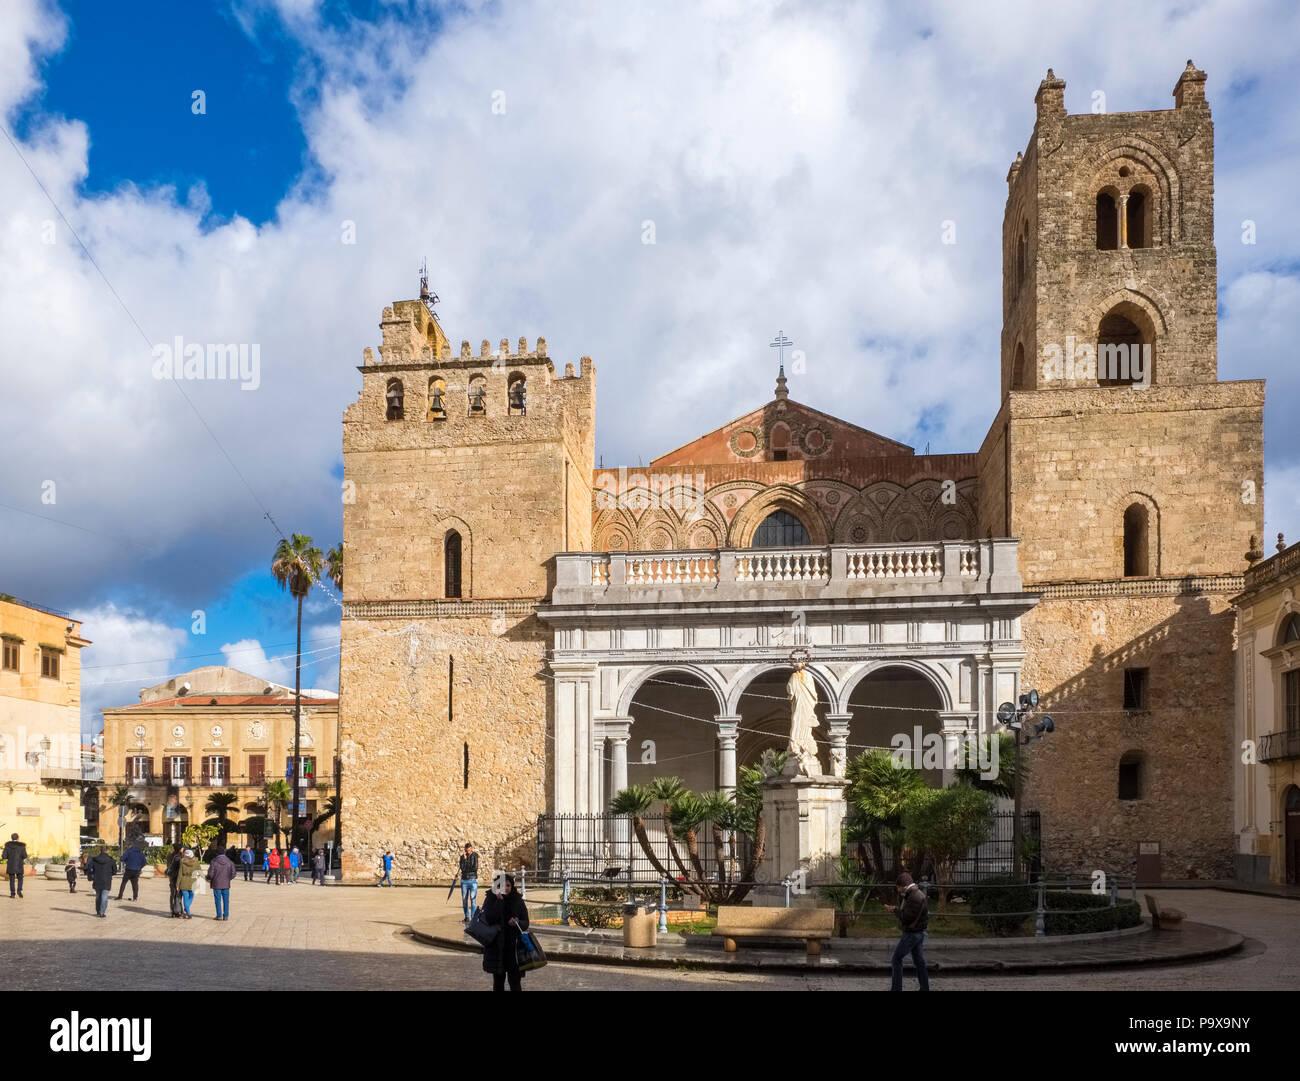 Die arabisch-normannischen Dom in Monreale, Sizilien, Italien, Europa Stockbild